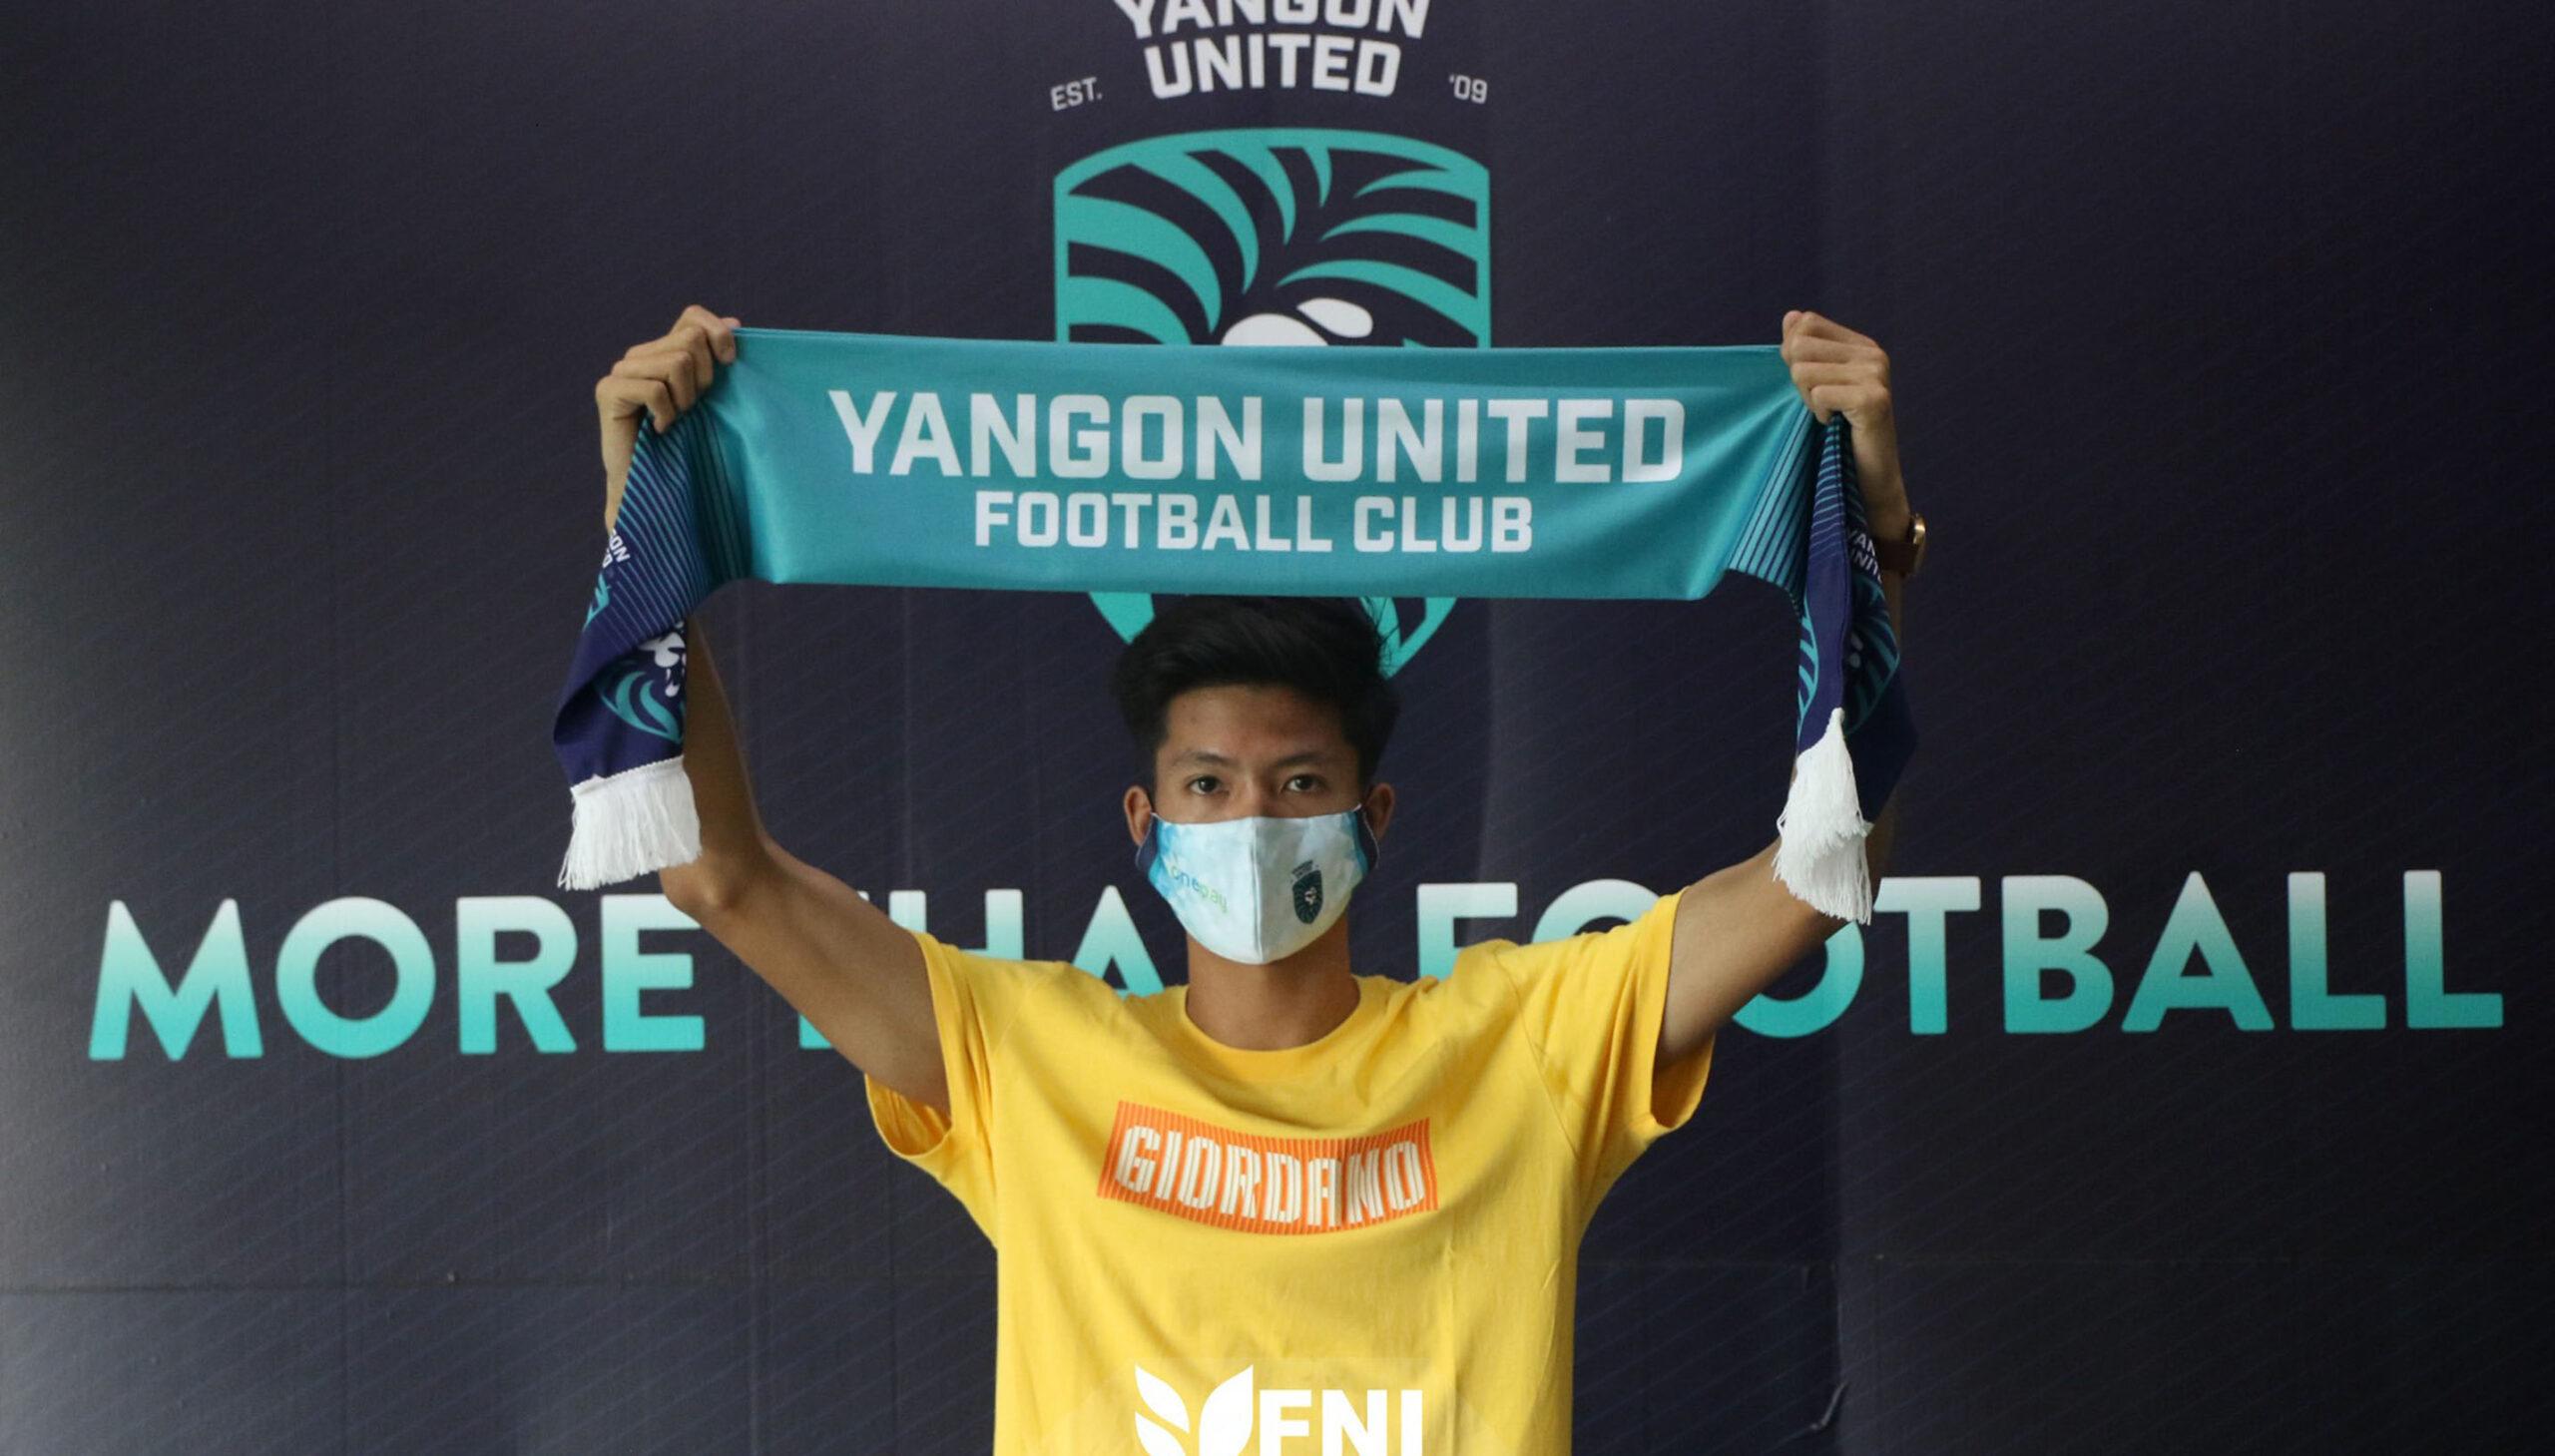 Player Win Naing Tun 72 scaled